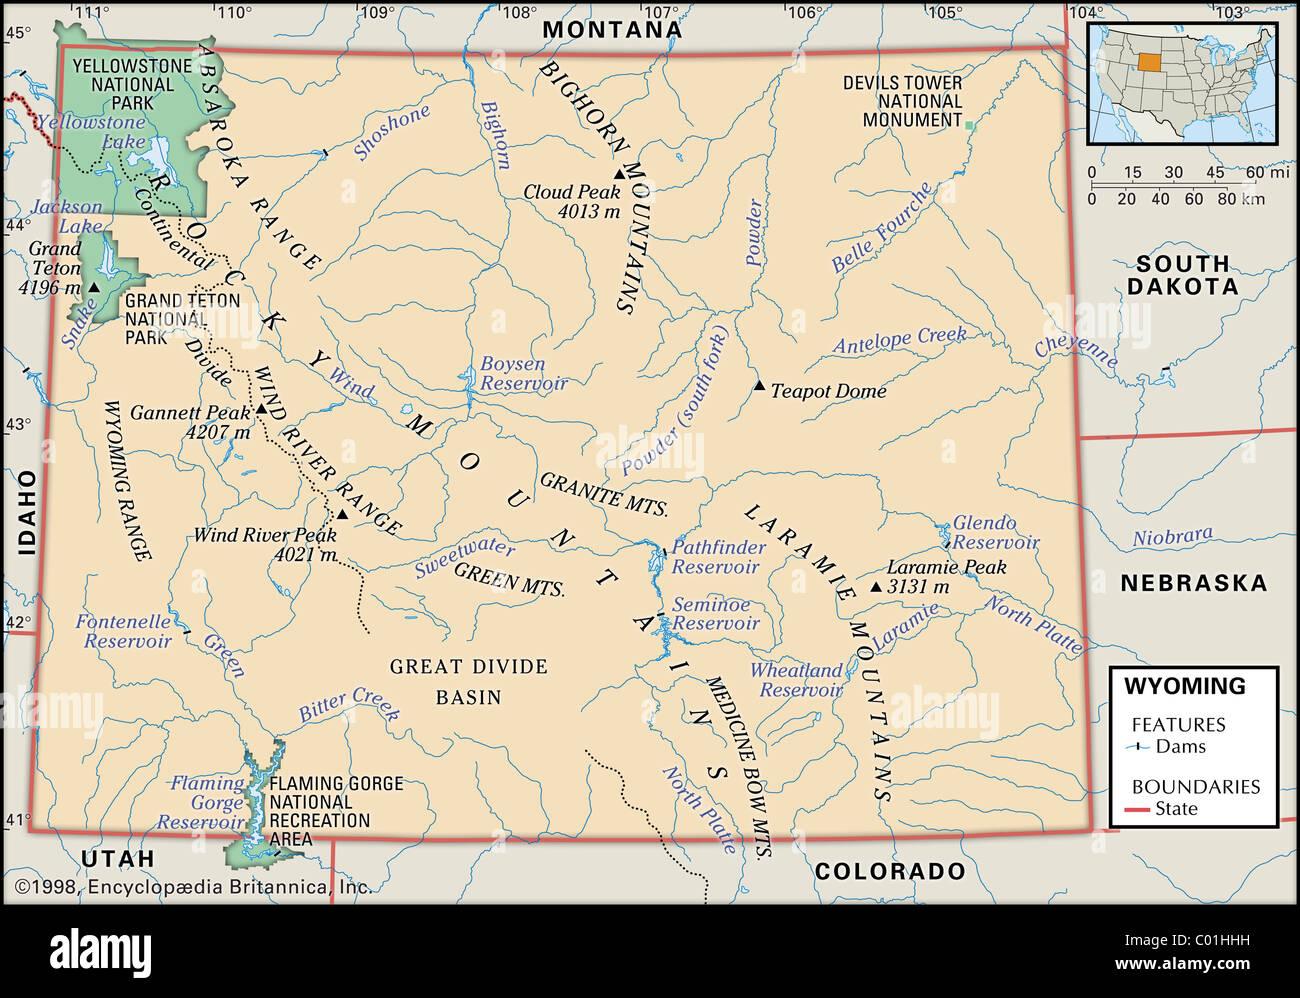 Physische Karte Usa.Physische Karte Von Wyoming Stockfoto Bild 34456509 Alamy